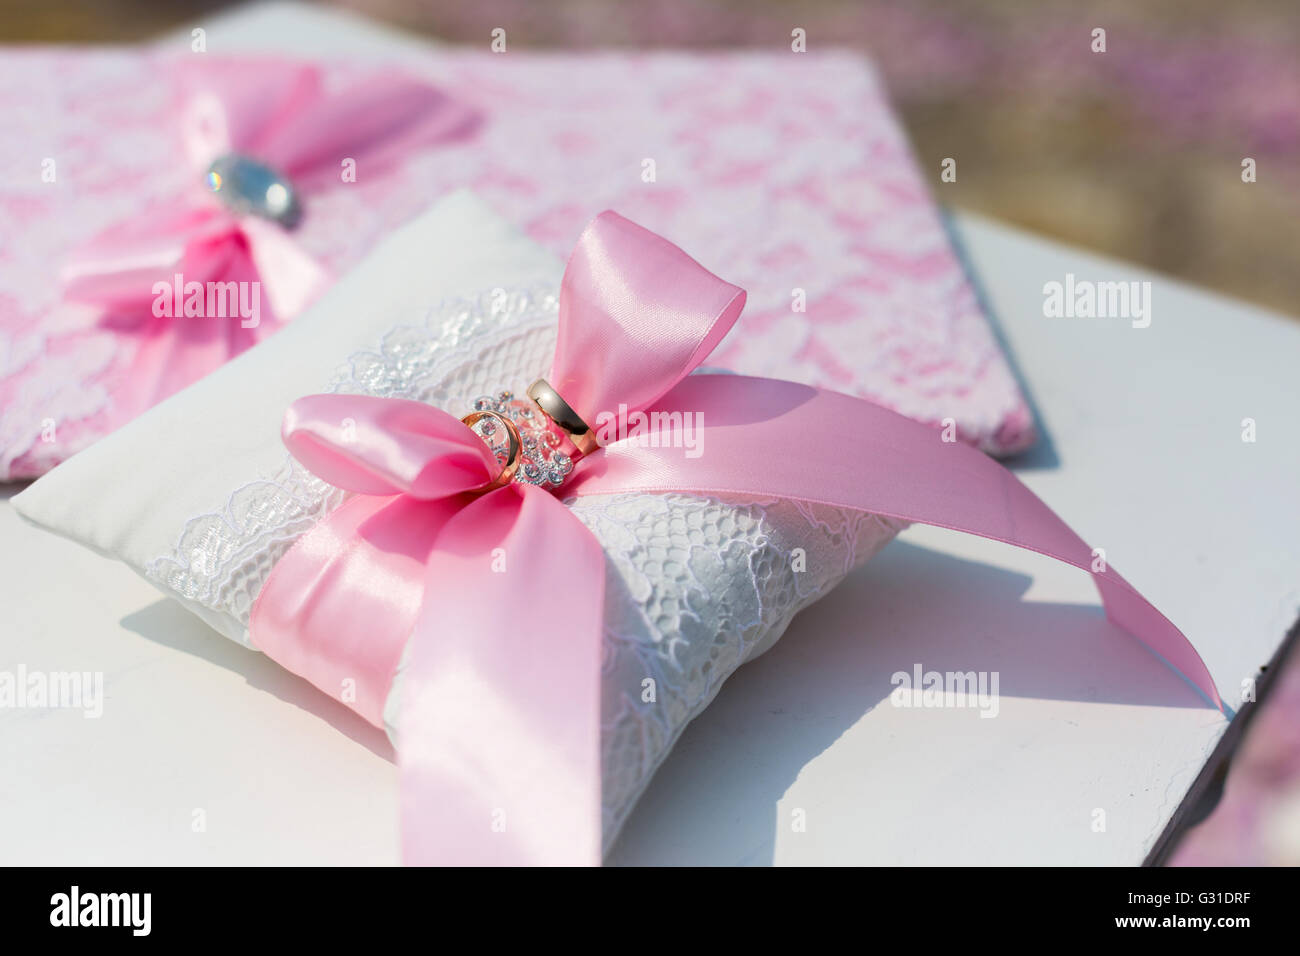 Wedding Pillow Stock Photos & Wedding Pillow Stock Images - Alamy